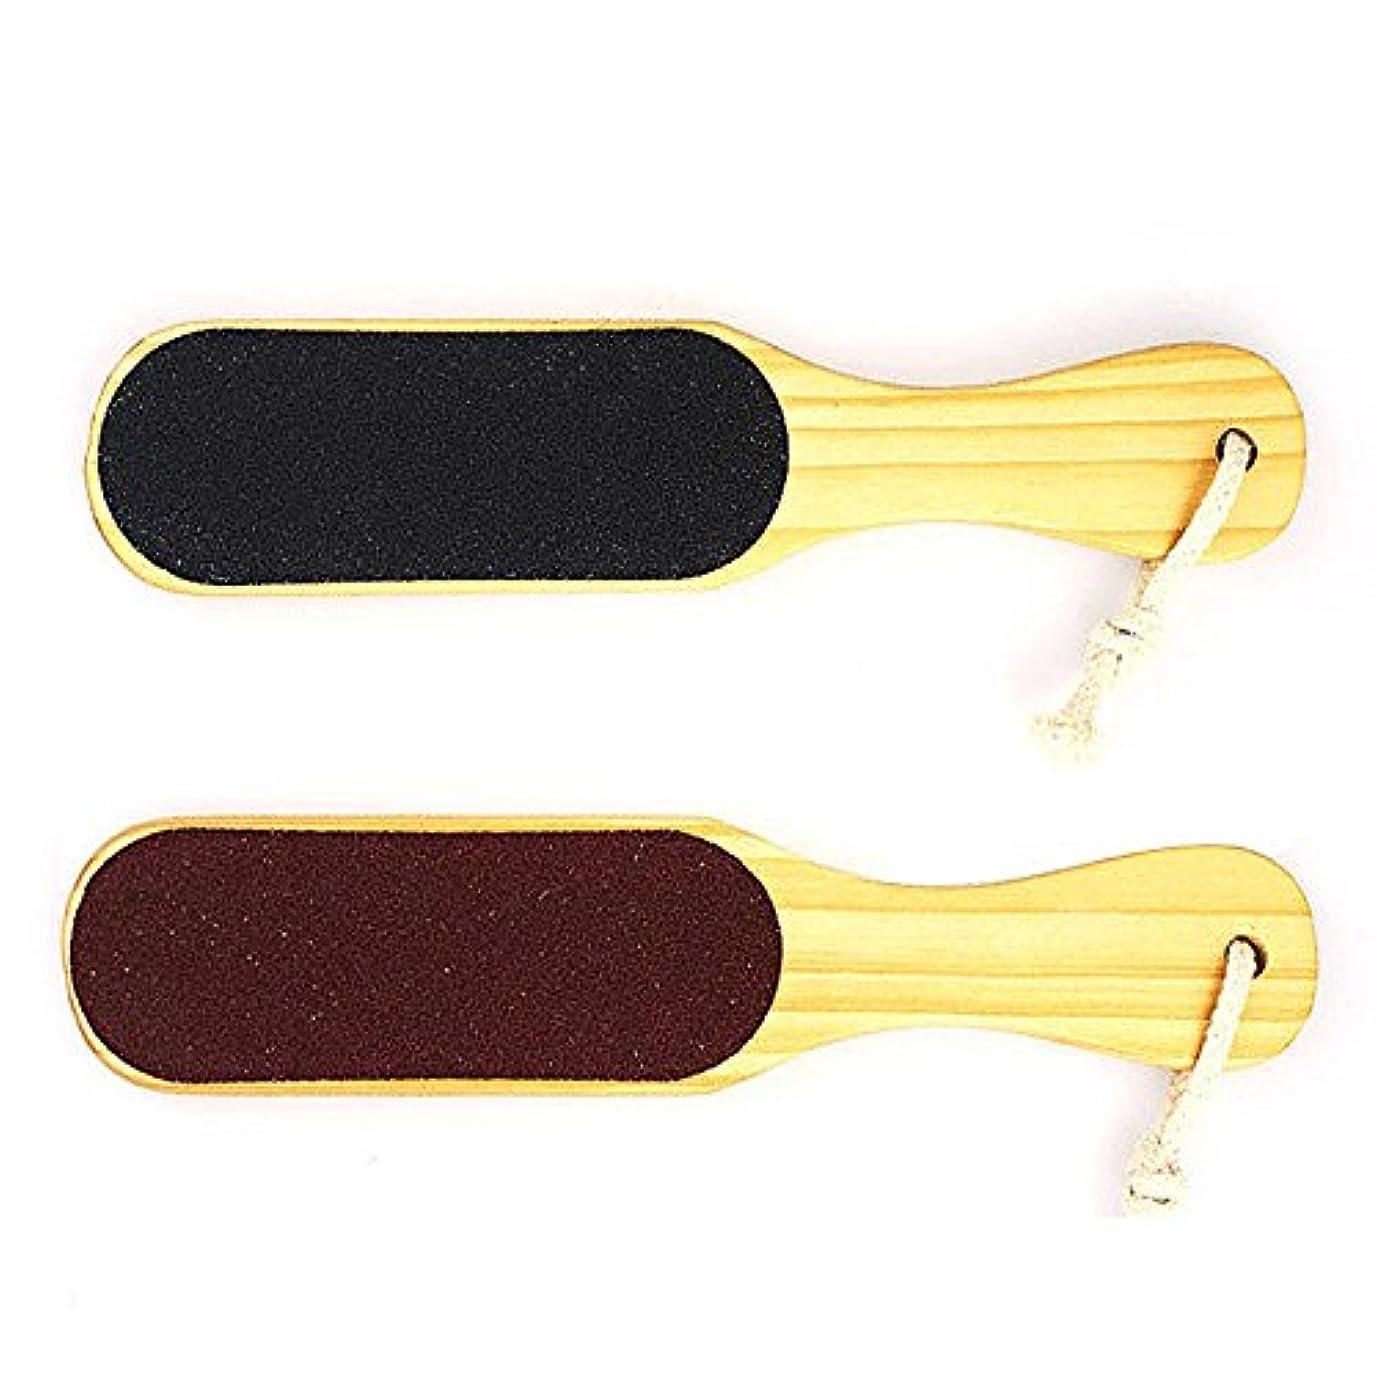 まぶしさ案件灌漑Finlon 多機能 ツインヘッド角質取り器 足裏 角質除去 かかと 角質ケア かかとケア 足ケア 両面サンドペーパー かかとやすり フット用品